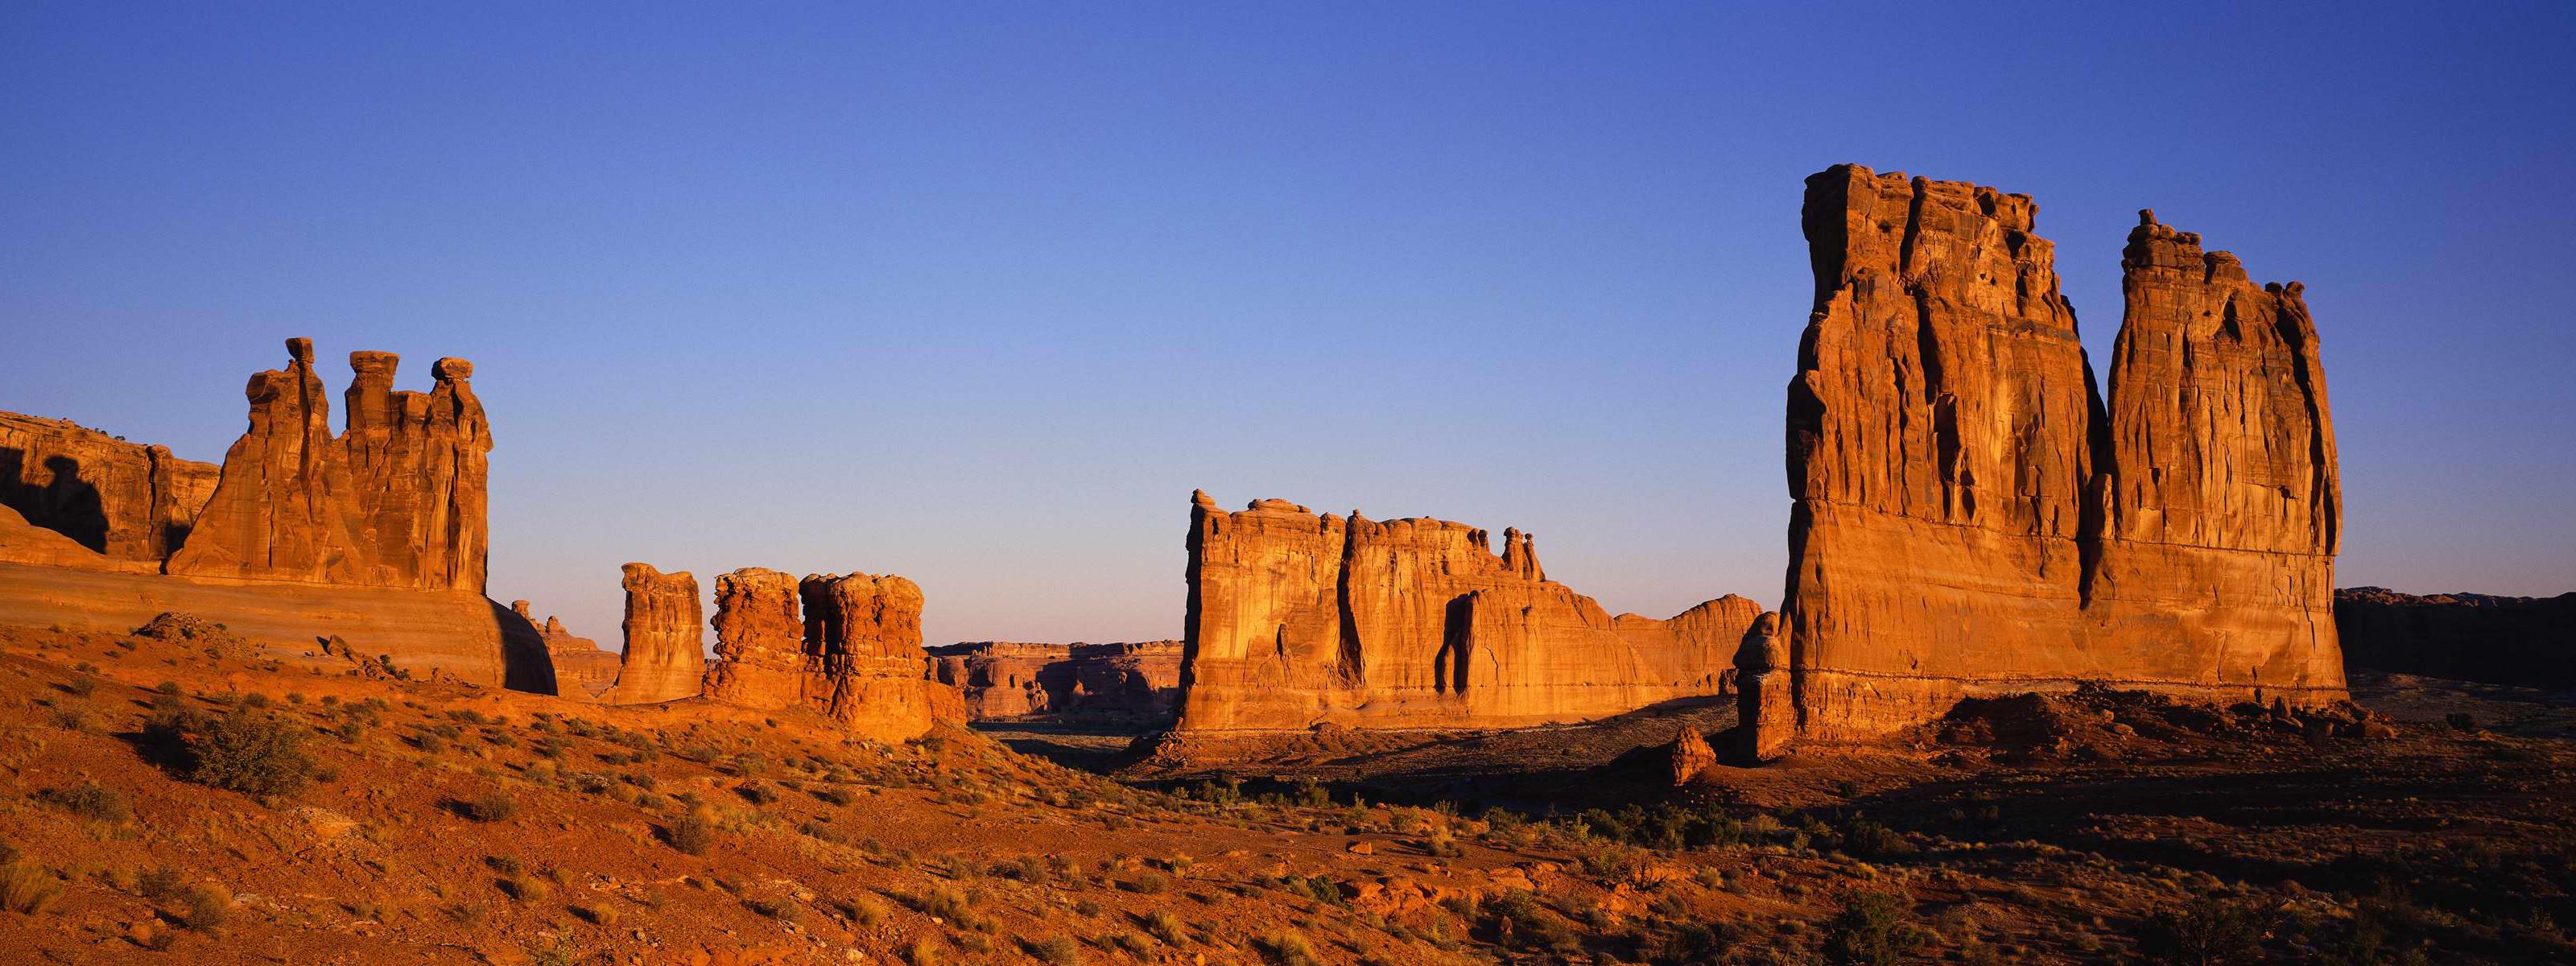 Wallpapers Hd Arizona Desert Storm 1600 X 1200 372 Kb Jpeg   HD .